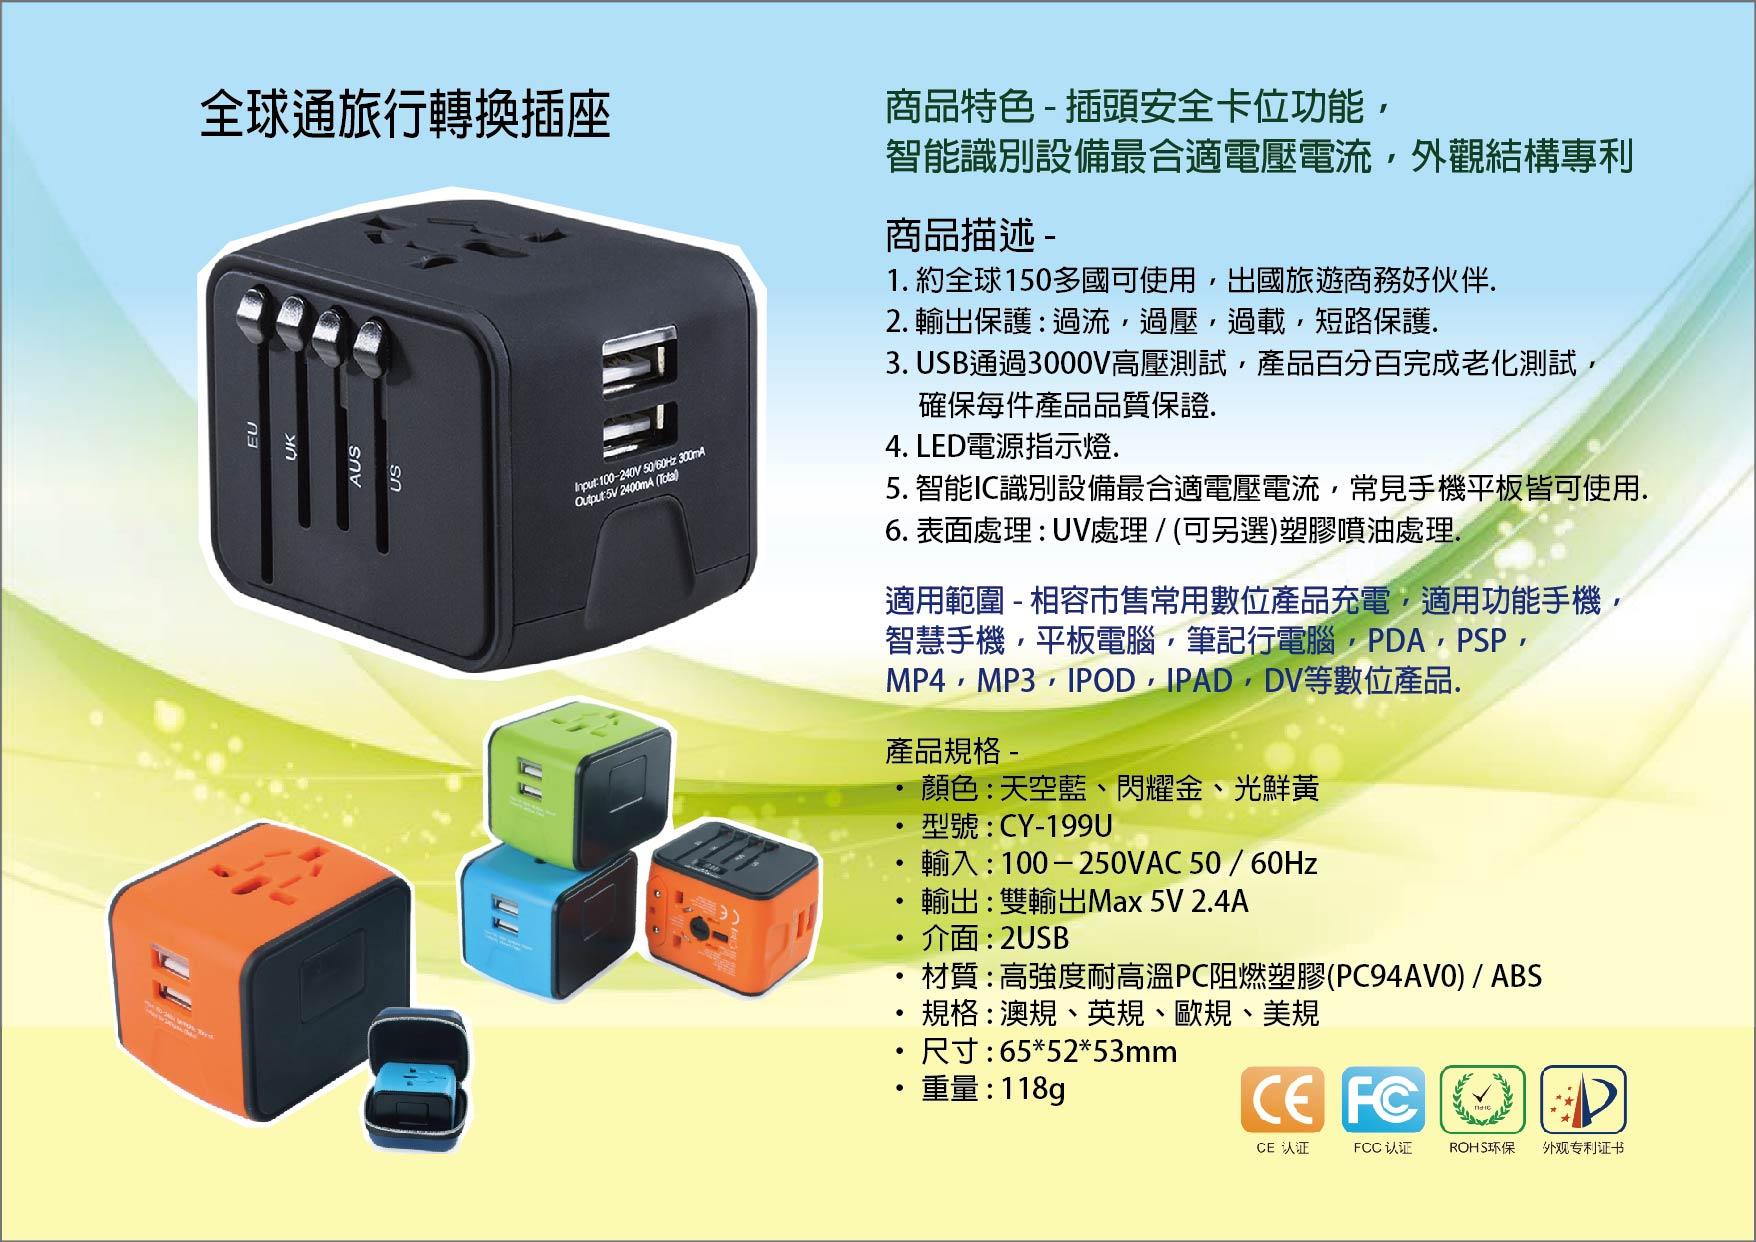 20180927 萬用充電器SL-199U